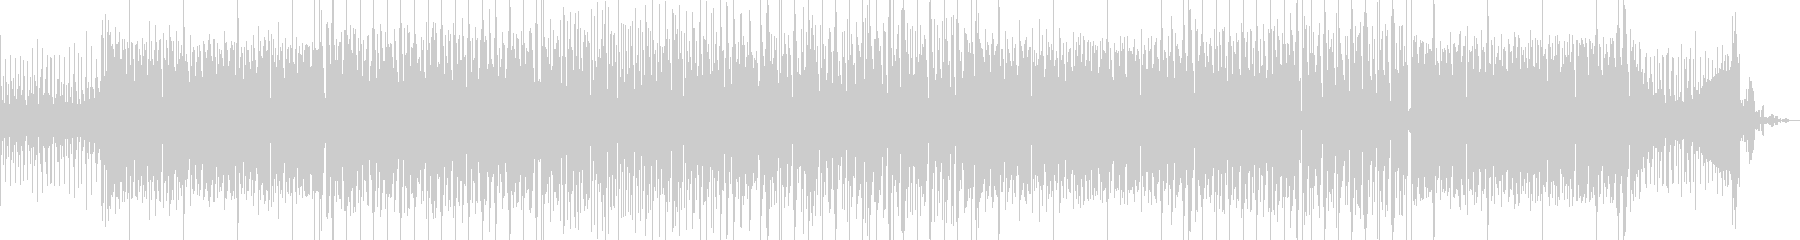 ポップでノリのいいEDMミュージックの未再生の波形